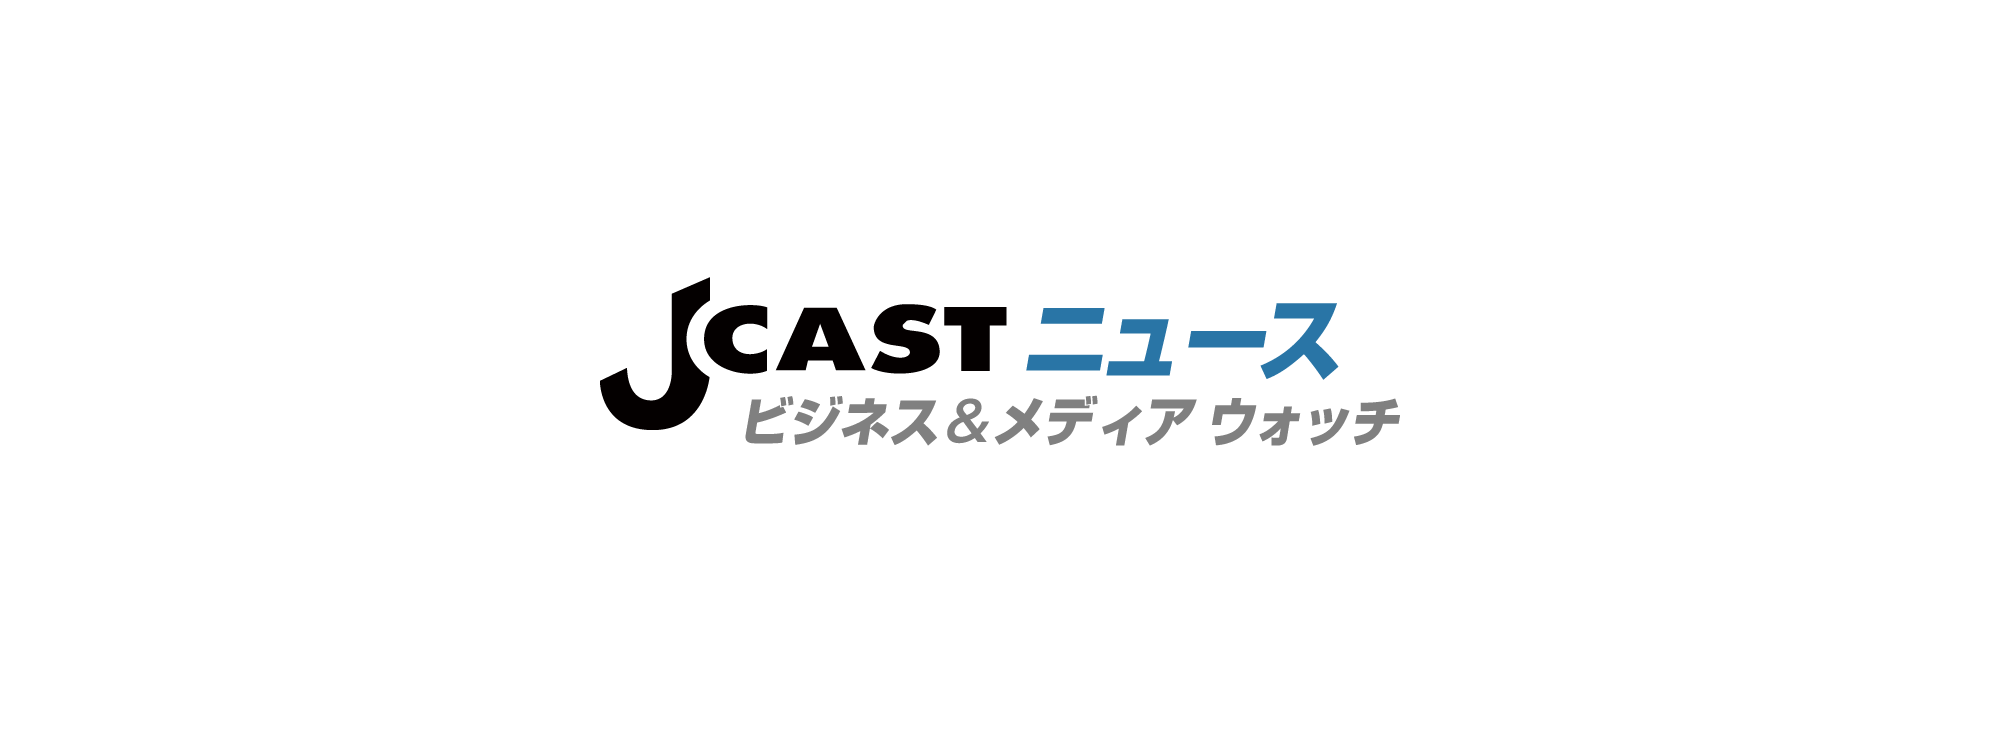 全文表示 | 加藤夏希が「セクハラ」を暴露 俳優兼監督の「S.S」って誰だ : J-CASTニュース